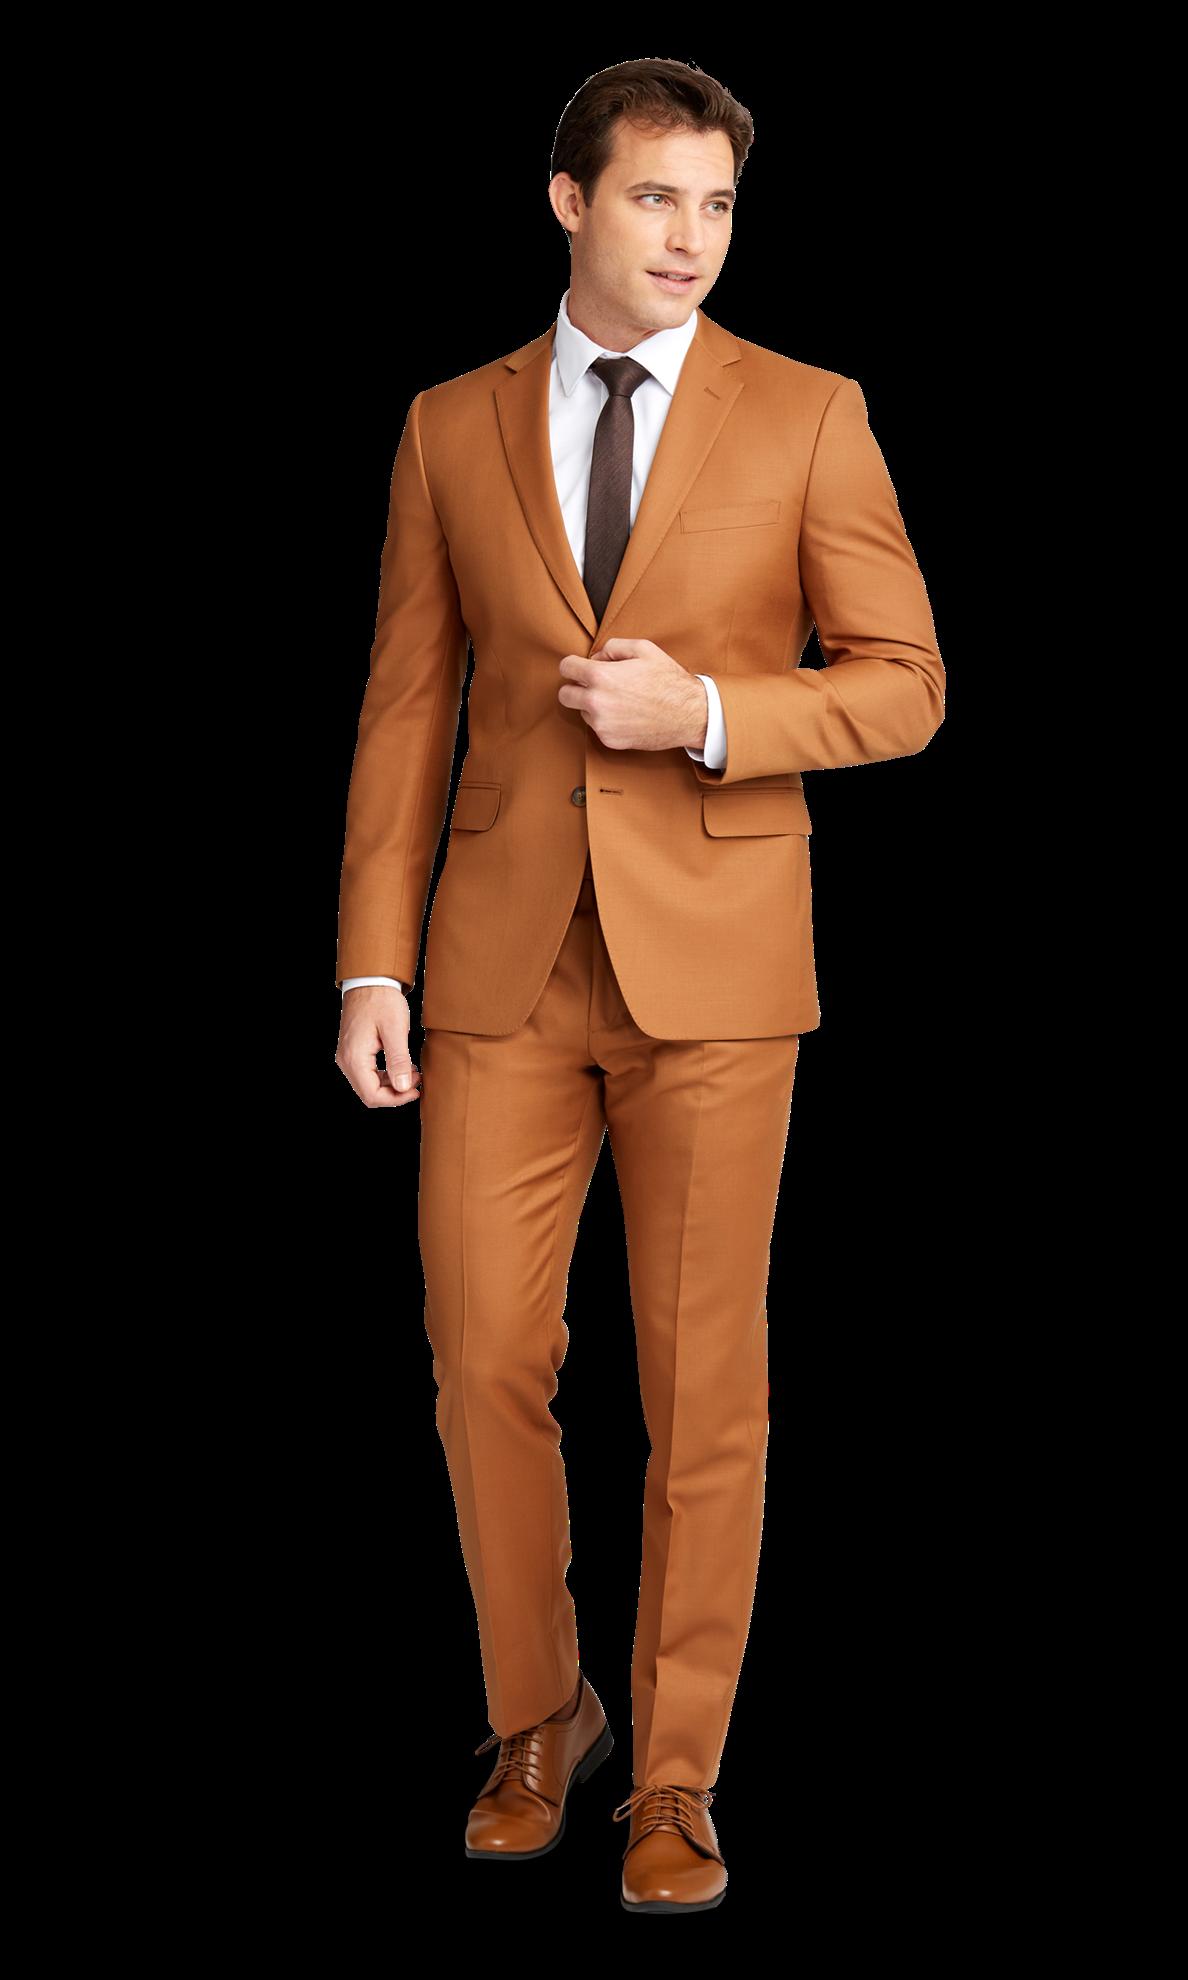 Caramel Venice Suit By Midnight Blue Orange Suit Cool Outfits For Men Suits [ 1980 x 1188 Pixel ]